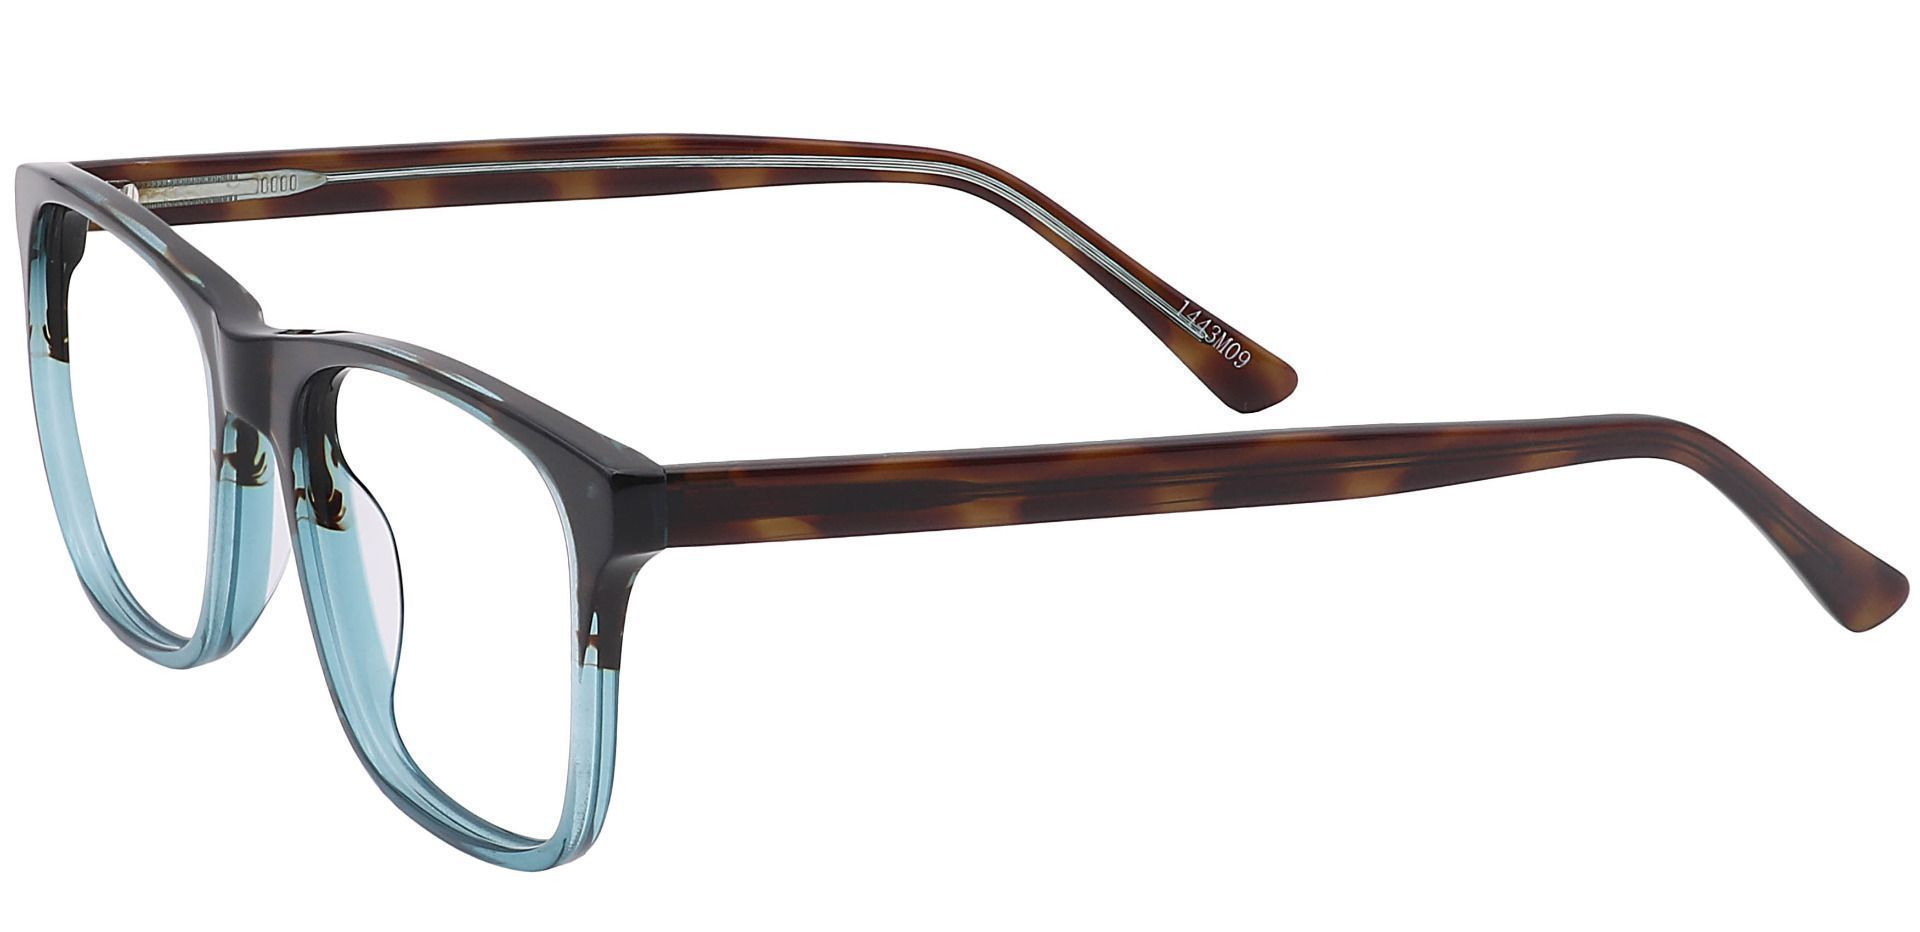 Cantina Square Non-Rx Glasses - Two